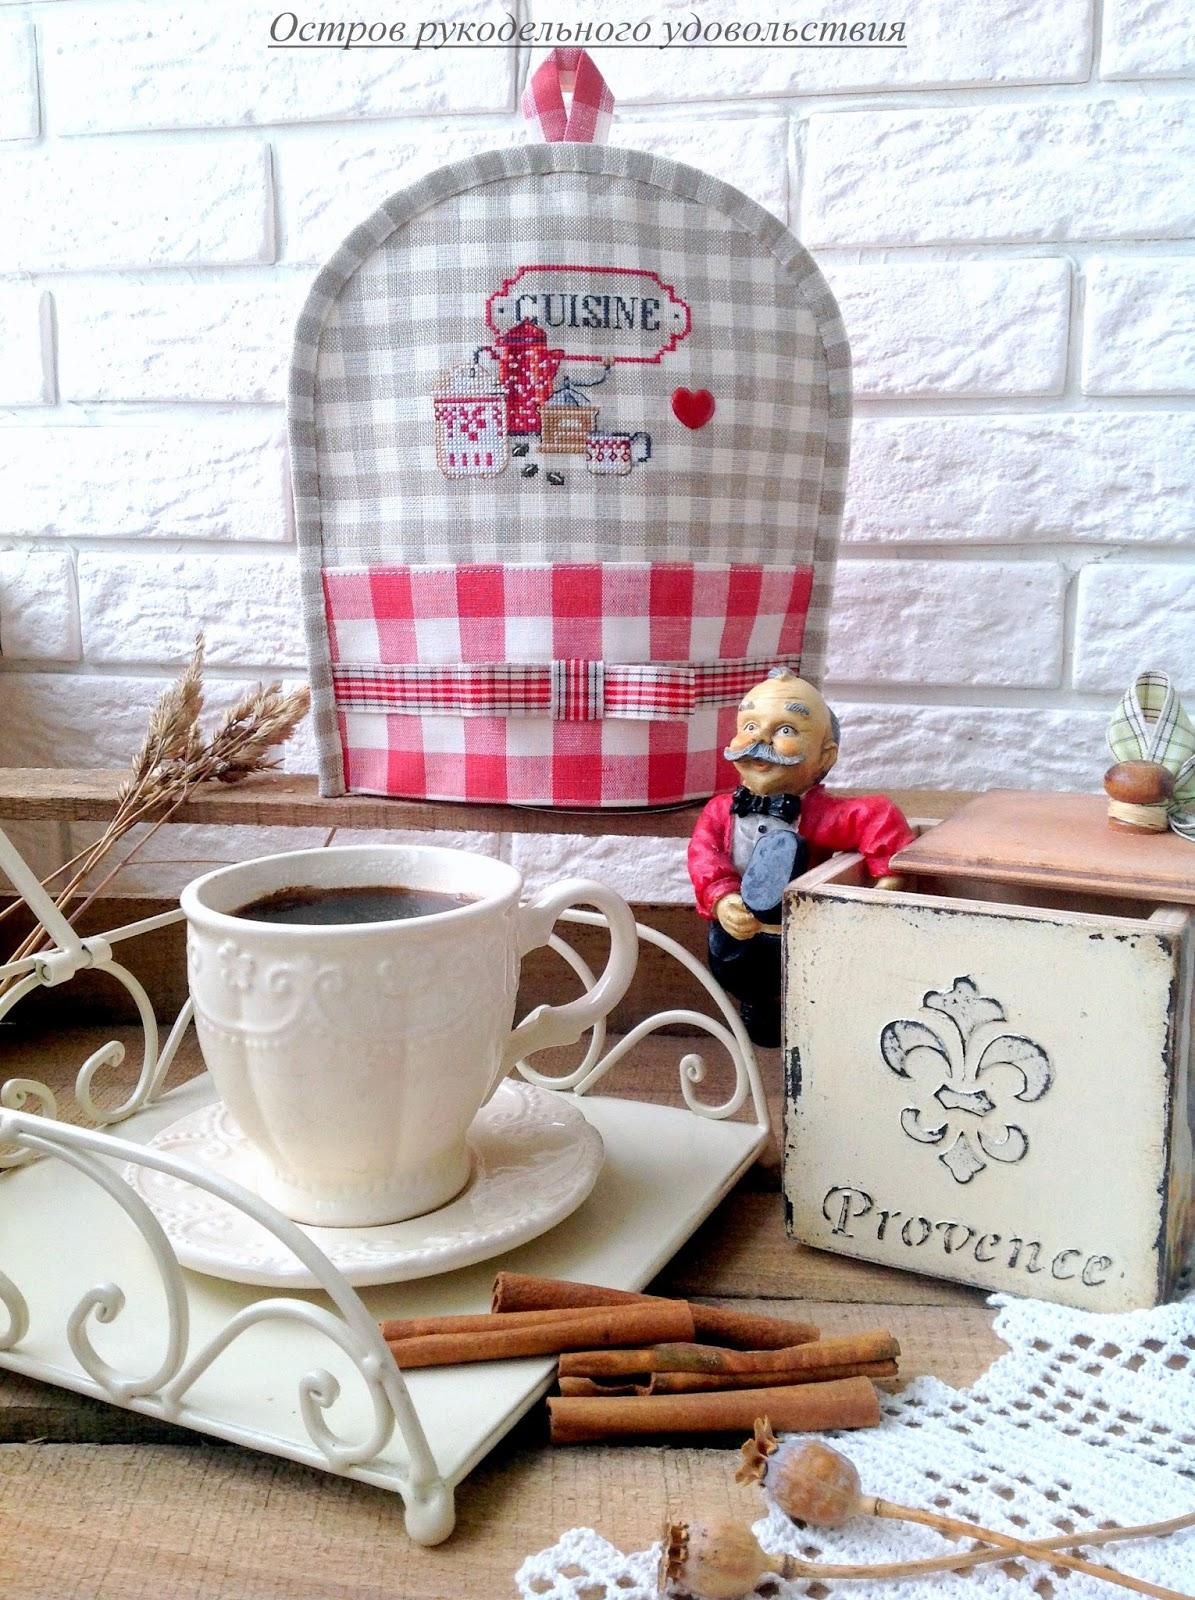 La grande histoire de la cuisine j 39 aime la brod - Histoire de la cuisine ...